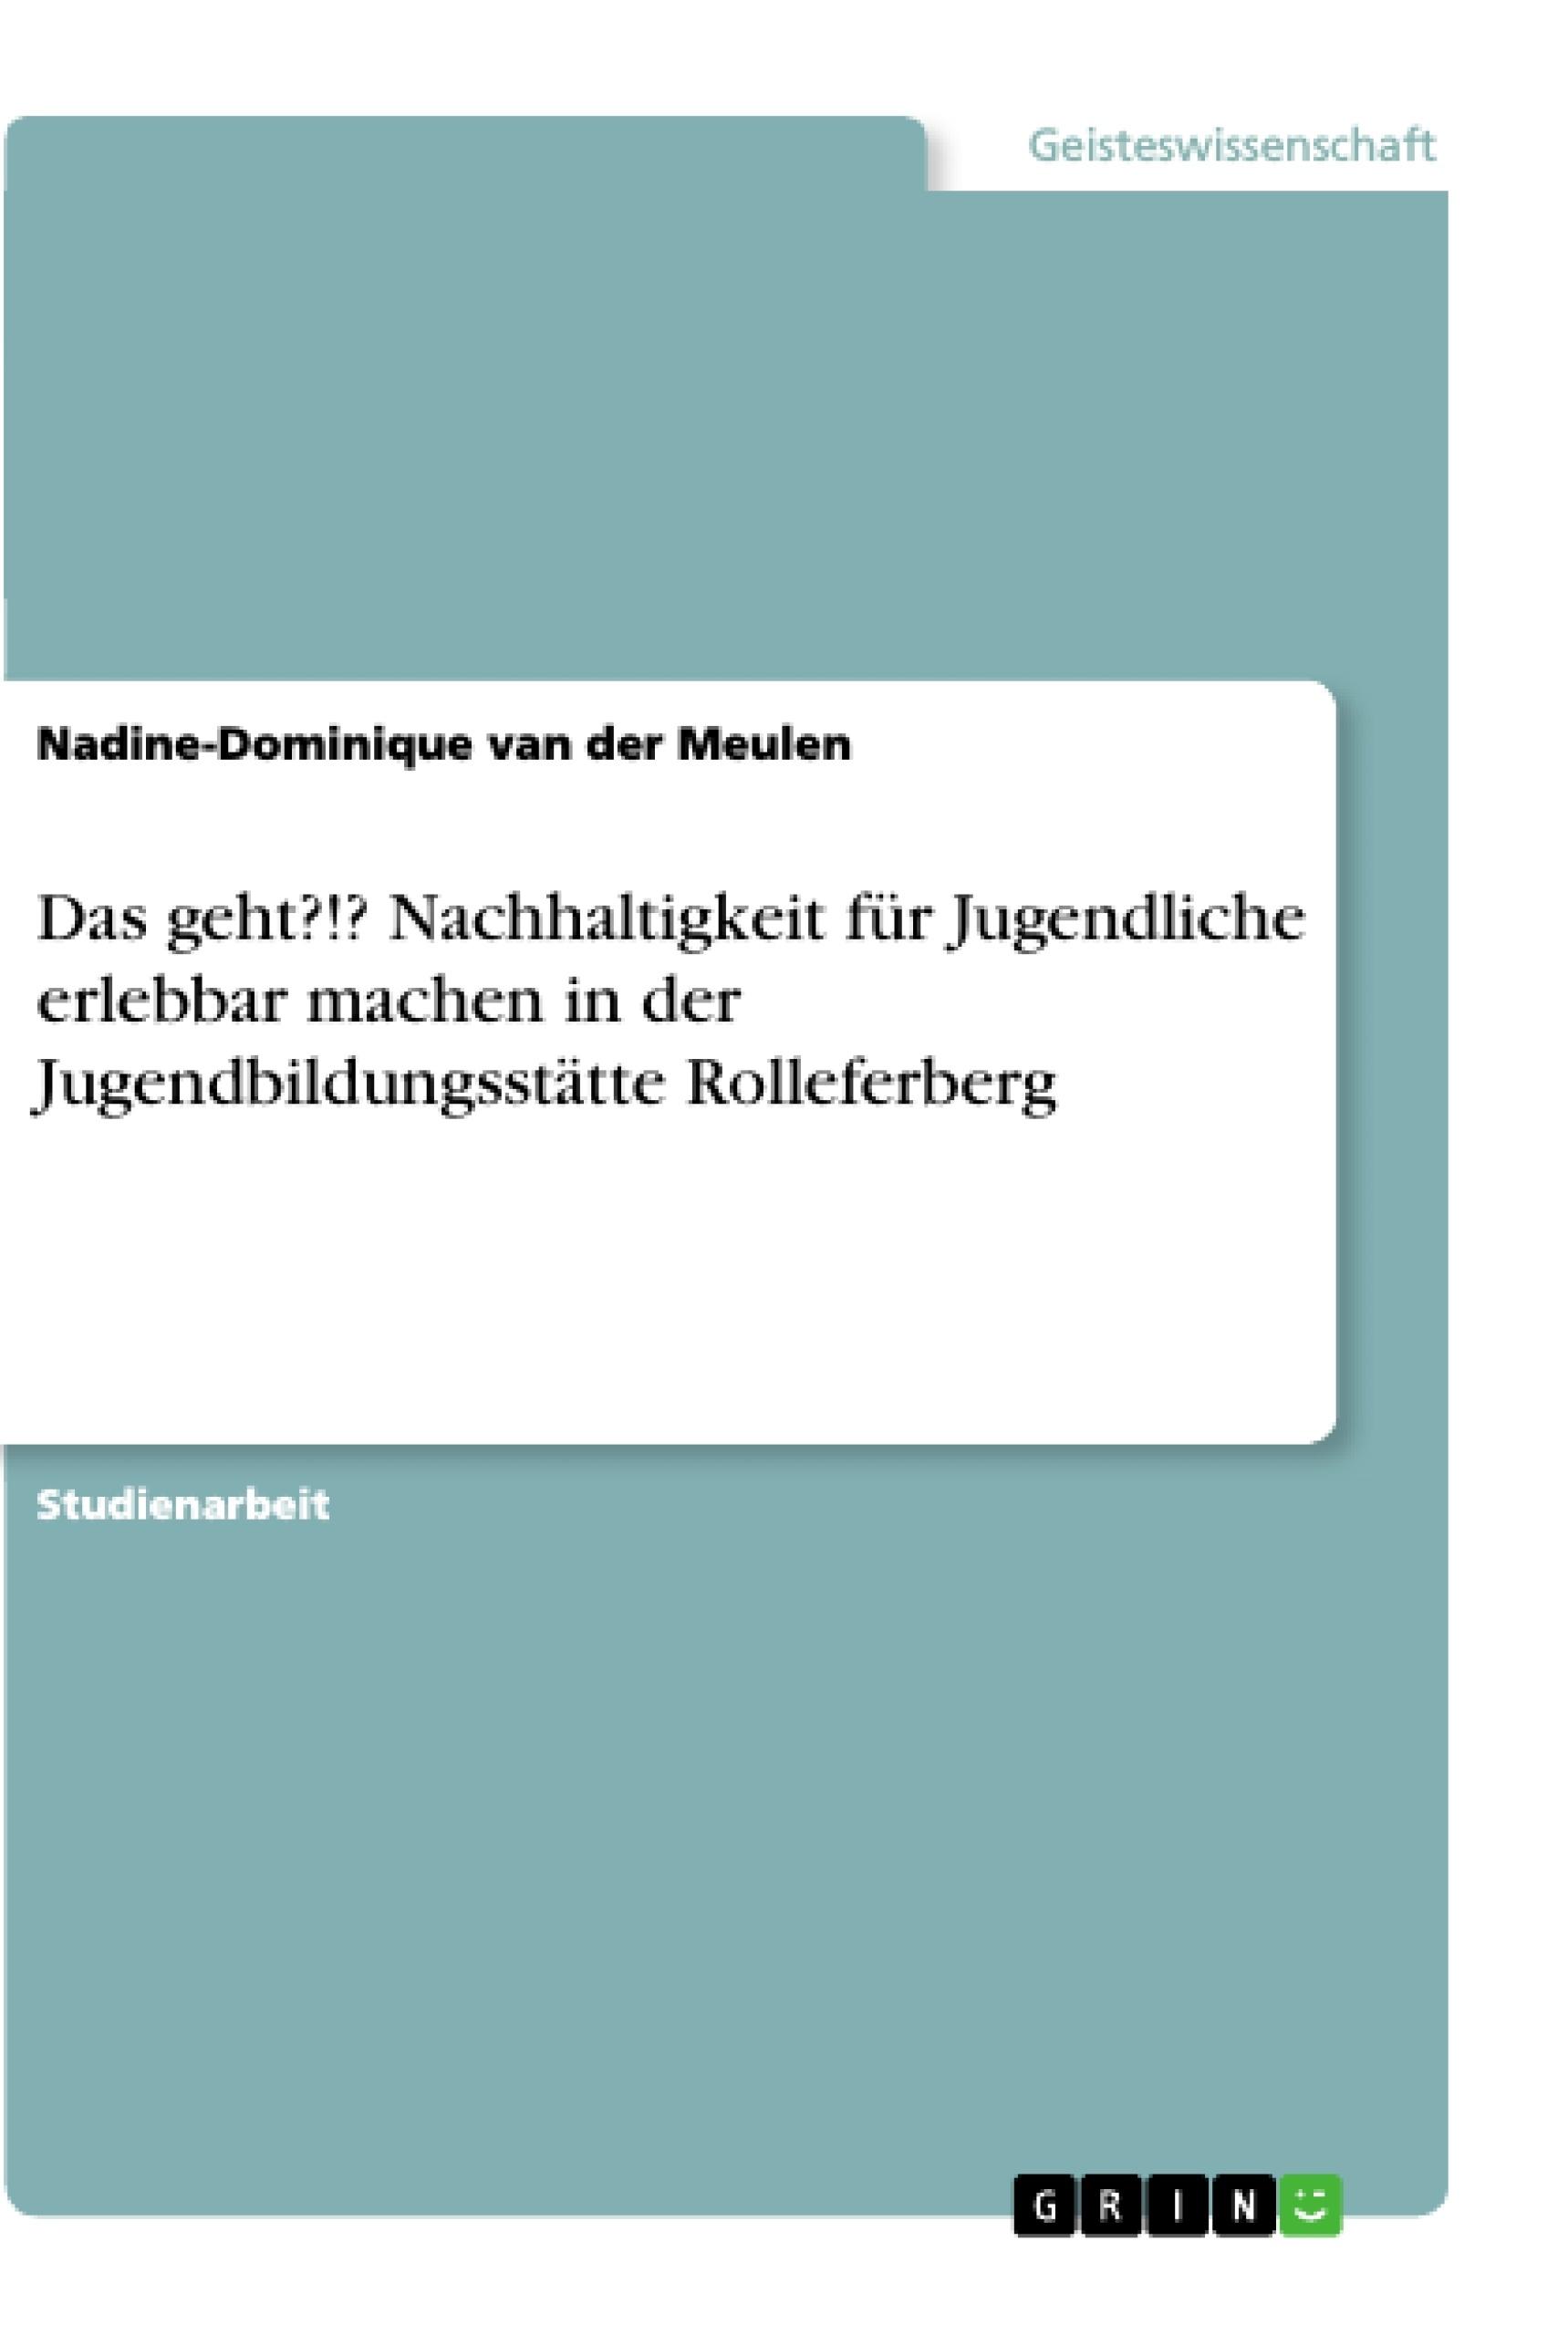 Titel: Das geht?!? Nachhaltigkeit für Jugendliche erlebbar machen in der Jugendbildungsstätte Rolleferberg